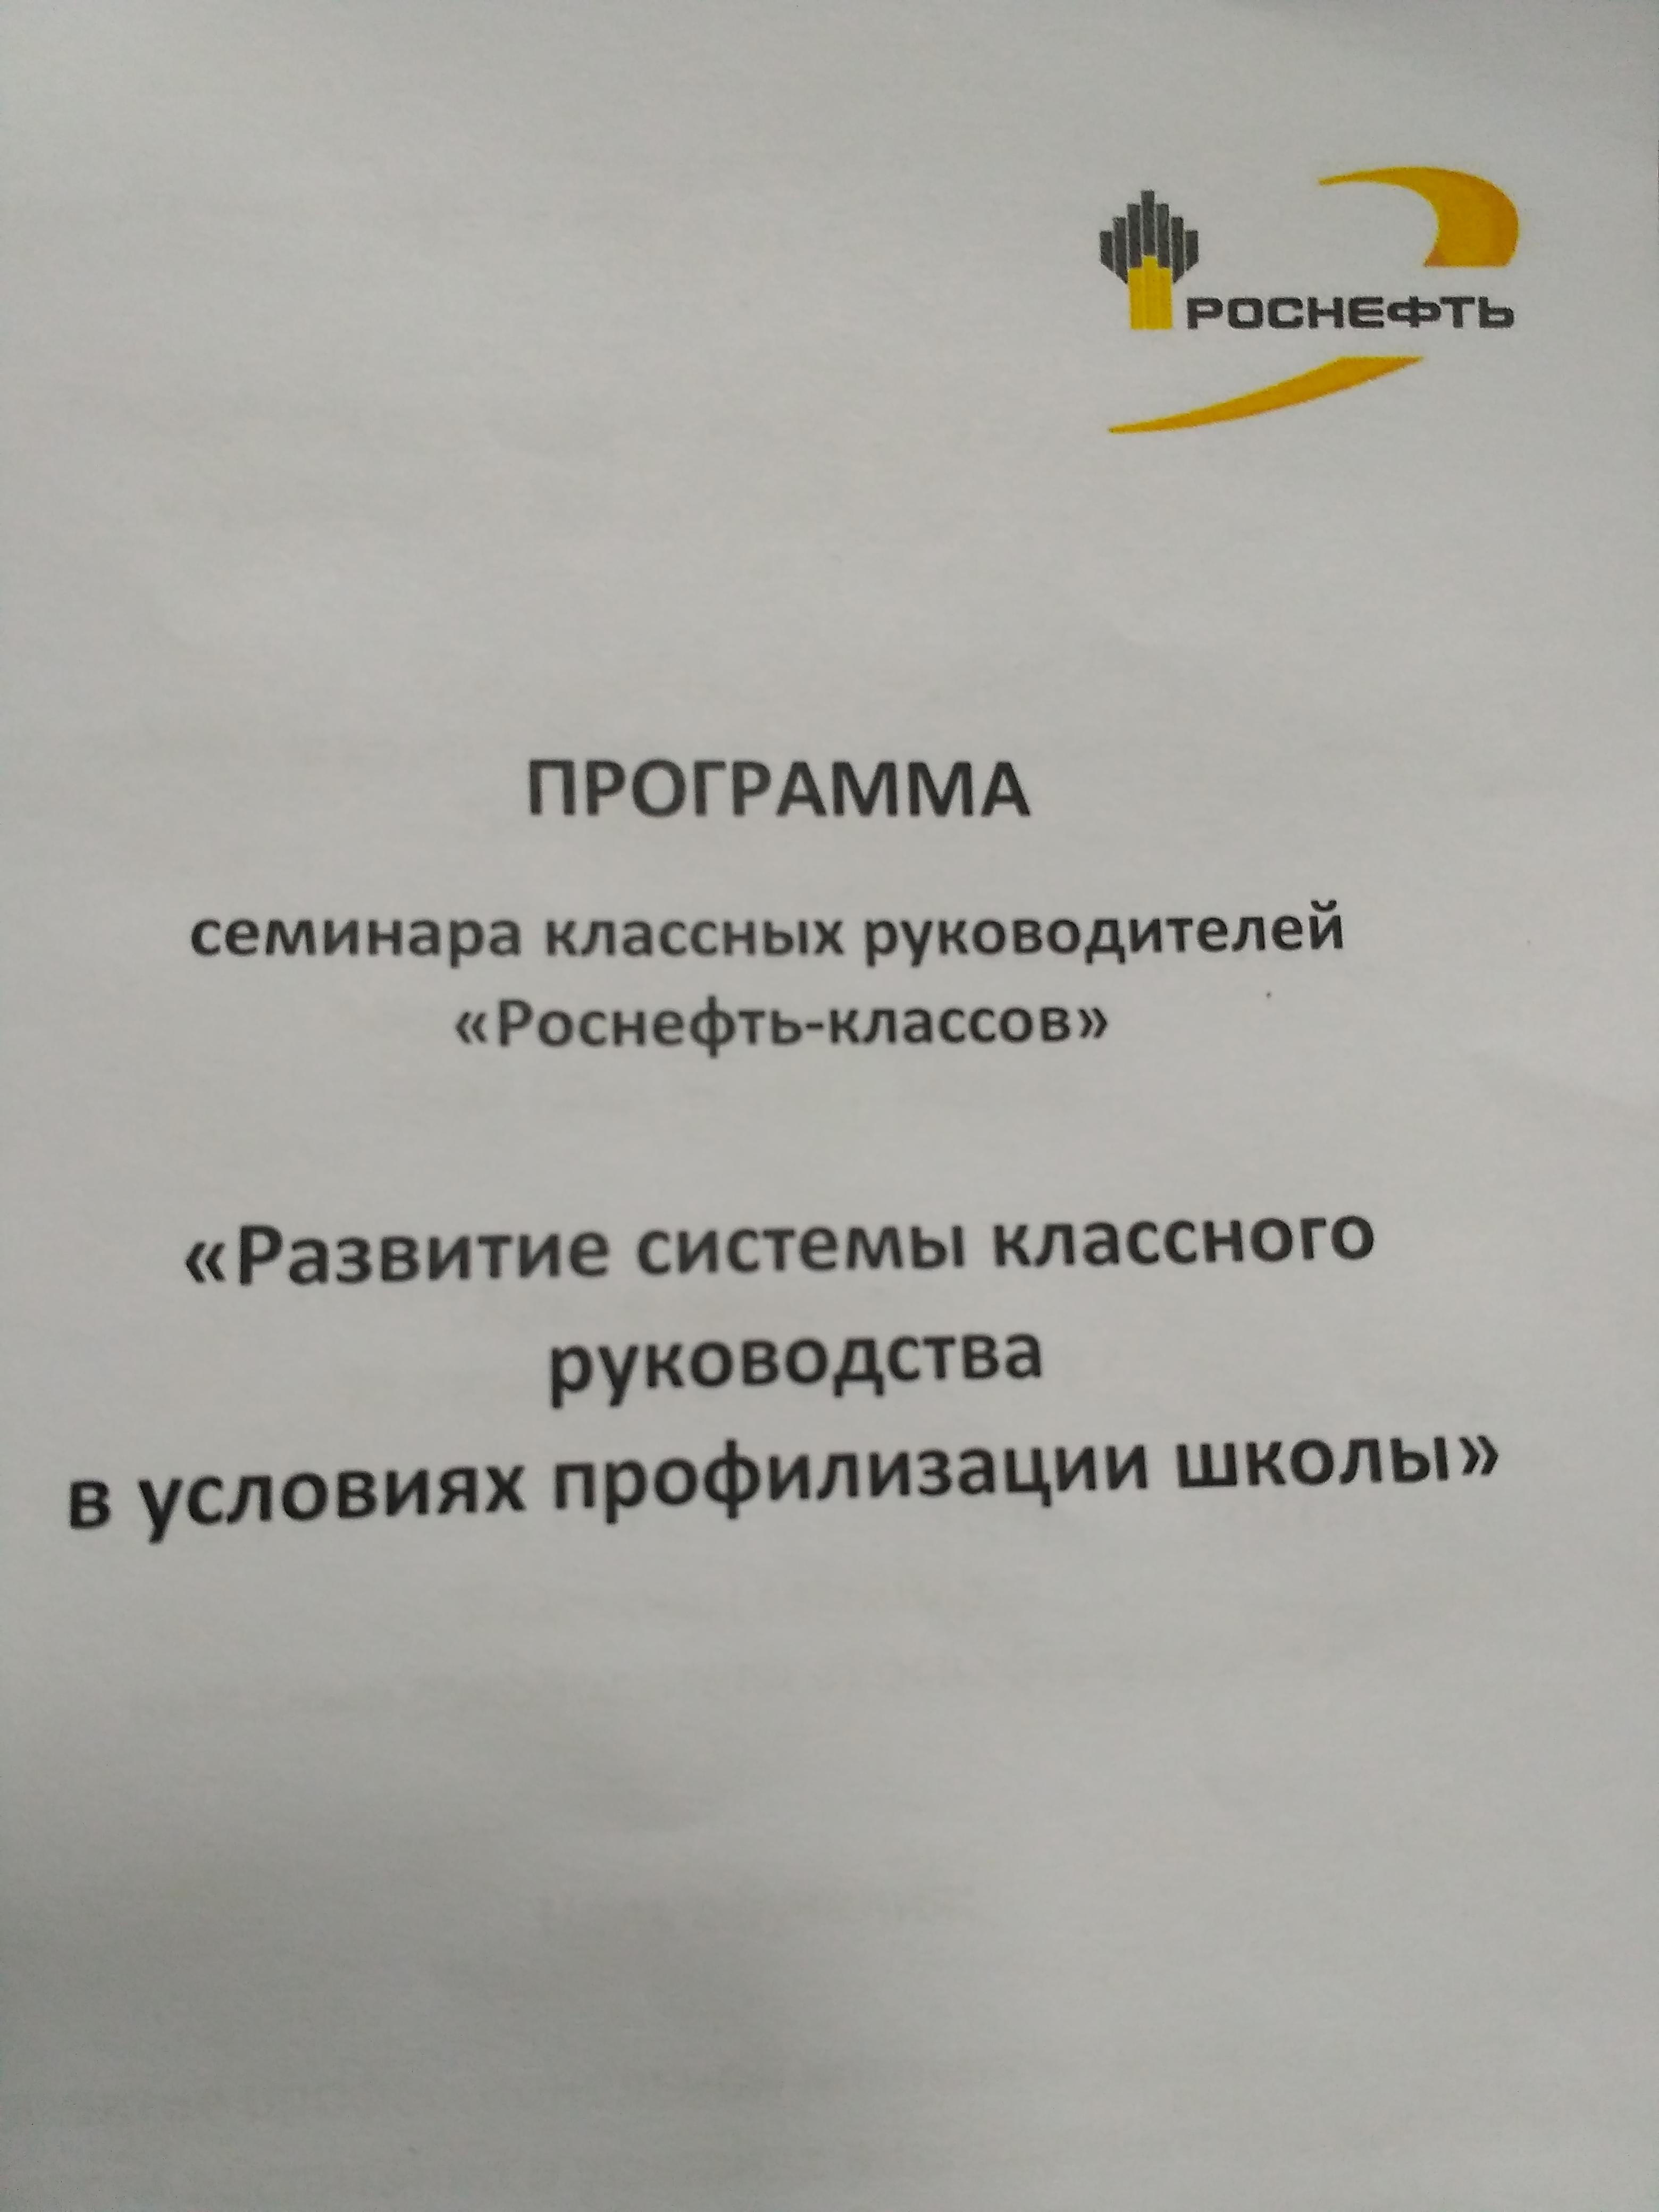 Роснефть-классы